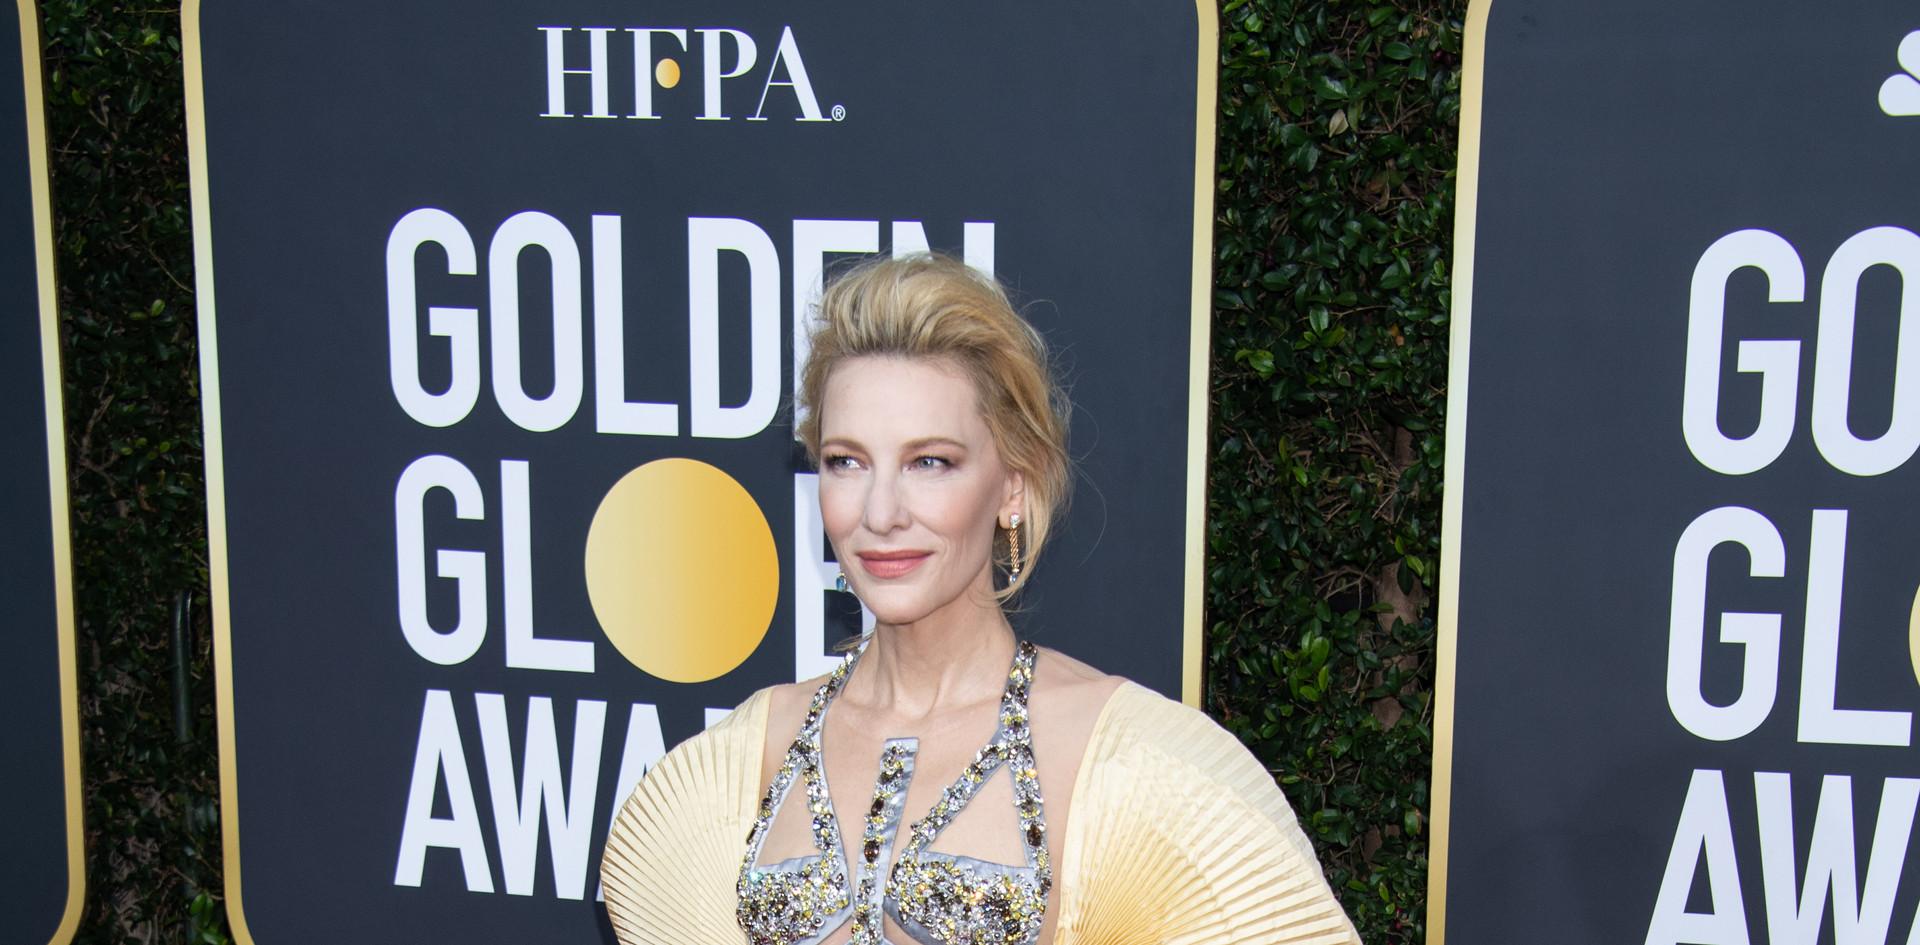 """Cate Blanchett, com um vestido Mary Katrantzou, sapatos Stuart Weitzman e brincos Pomellato.  Cate Blanchett nomeada para um Golden Globe, como Melhor Actriz – Comédia / Musical: """"Where'd You Go Bernadette?"""", na passadeira vermelha do 77th Annual Golden Globe Awards, no Beverly Hilton em Beverly Hills, CA. Fotografia: HFPA Photographer"""